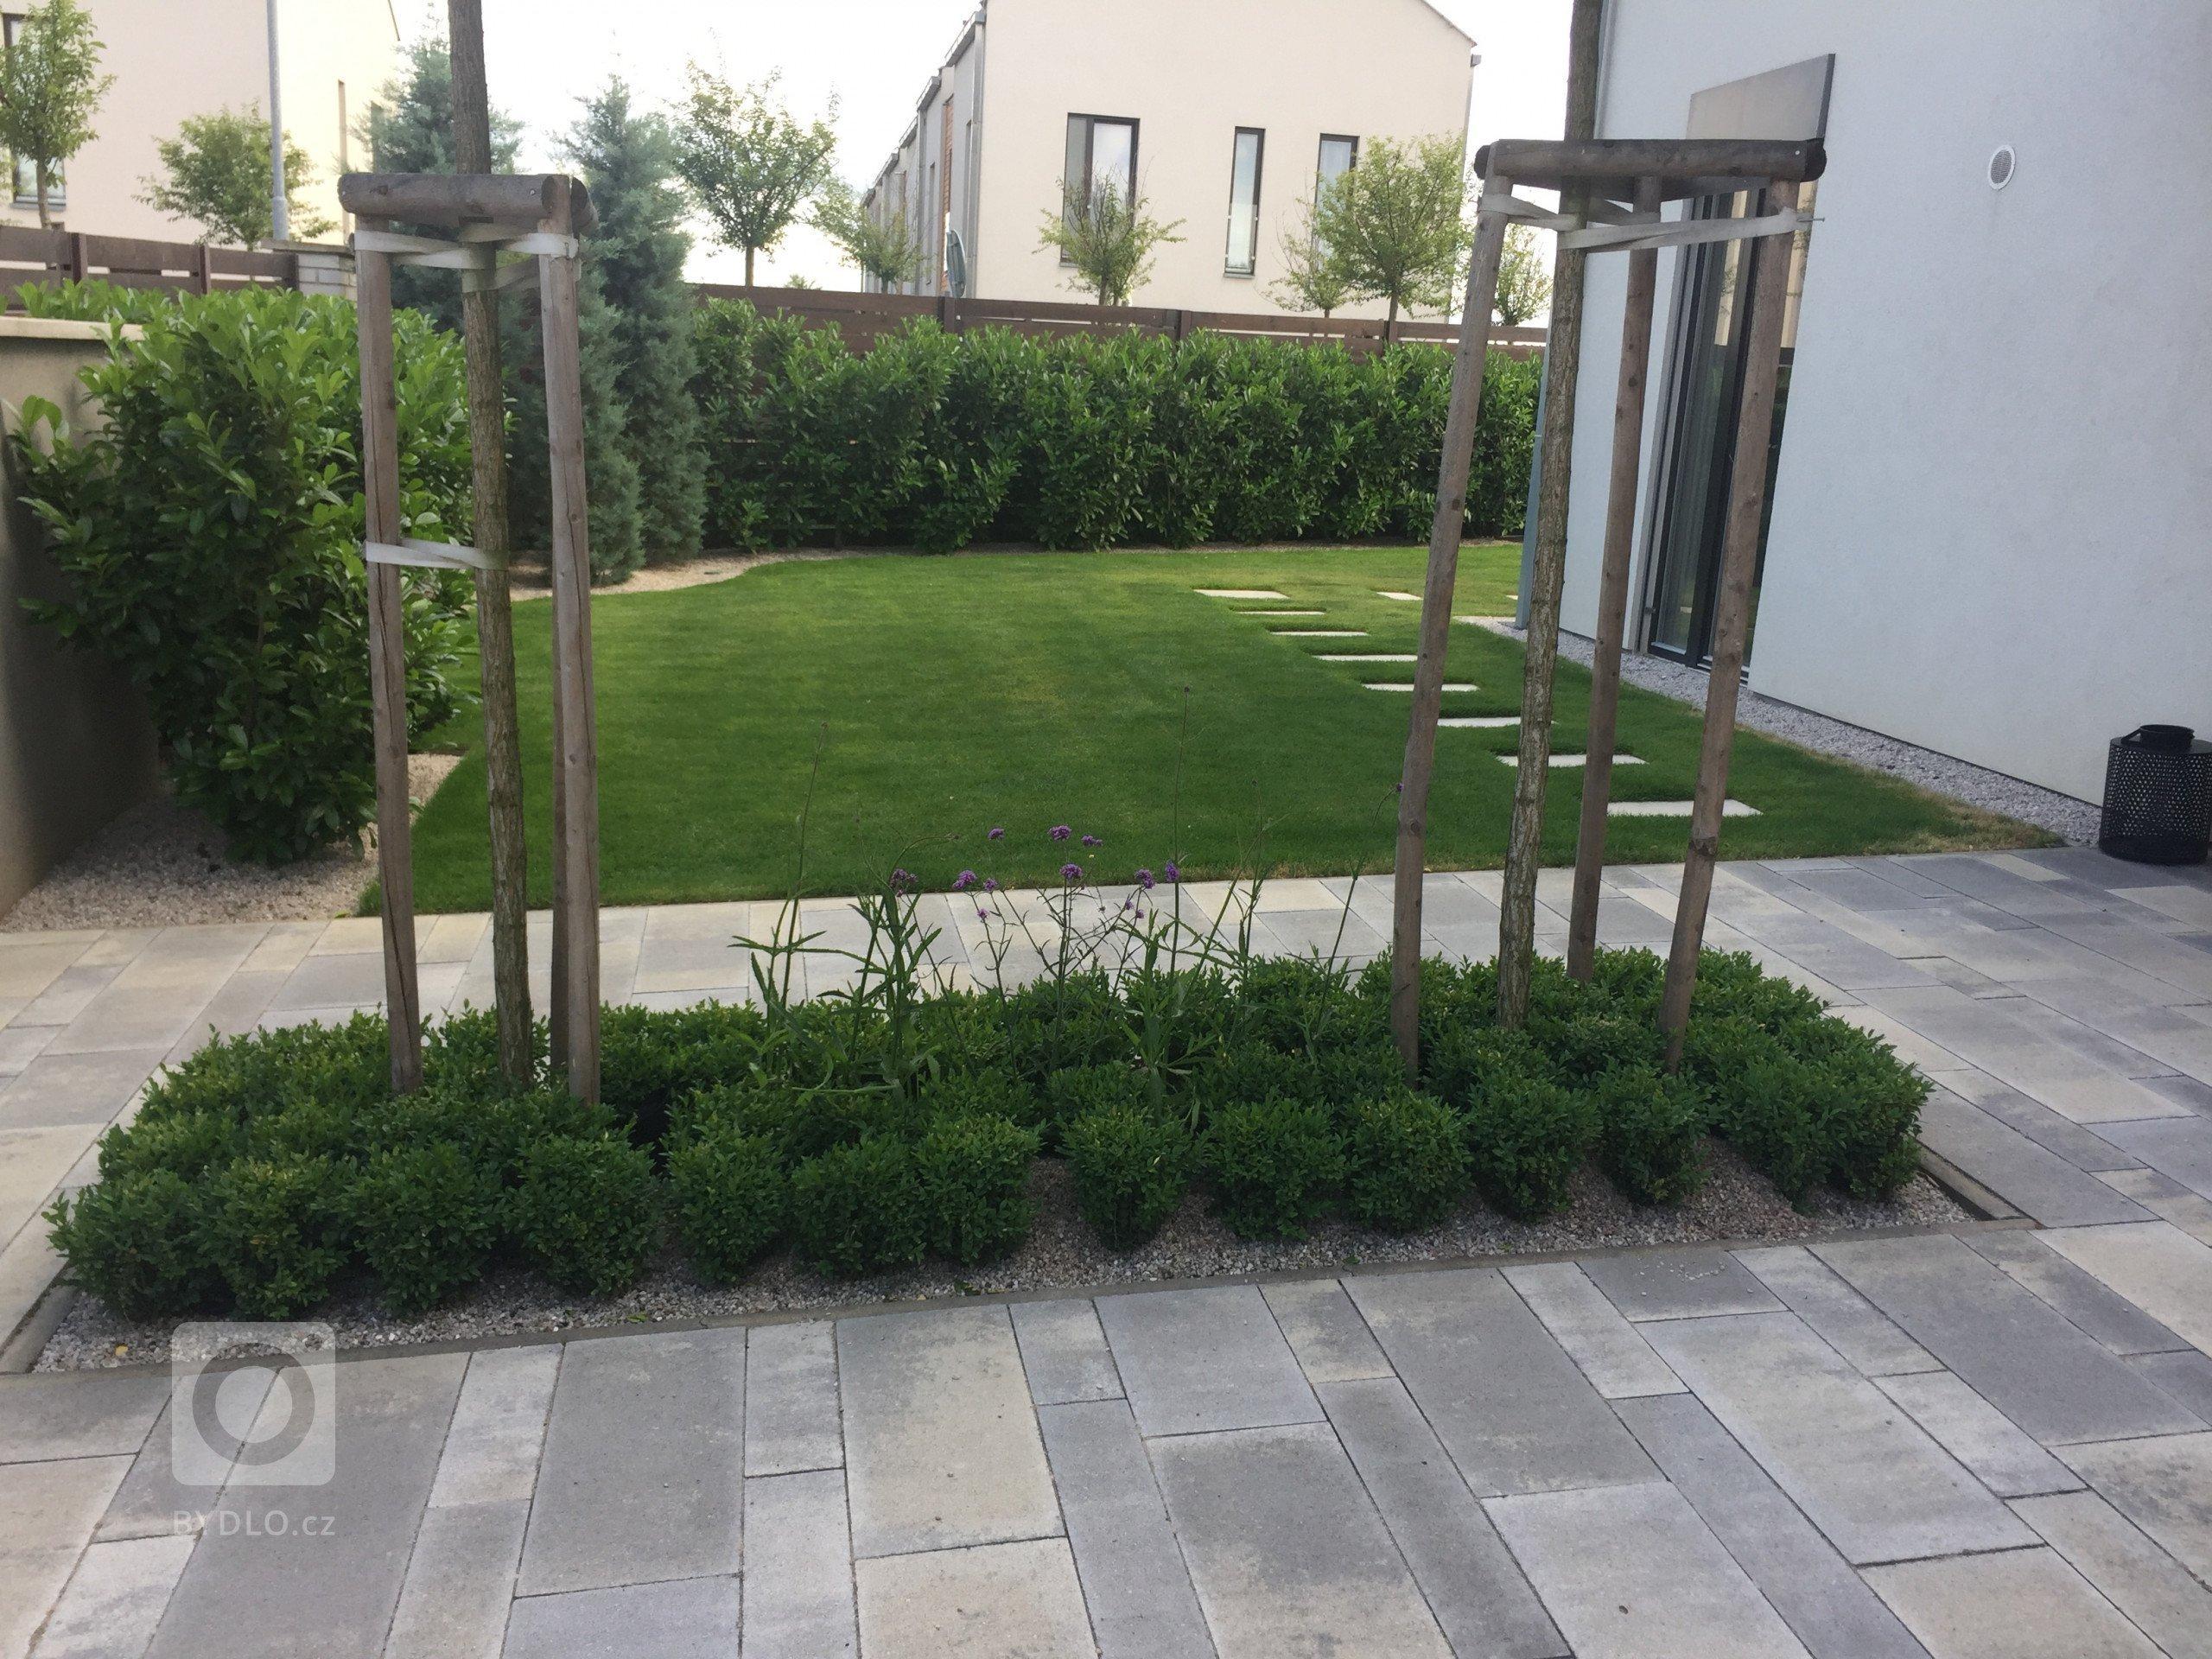 Zahrada u moderního řadového domu